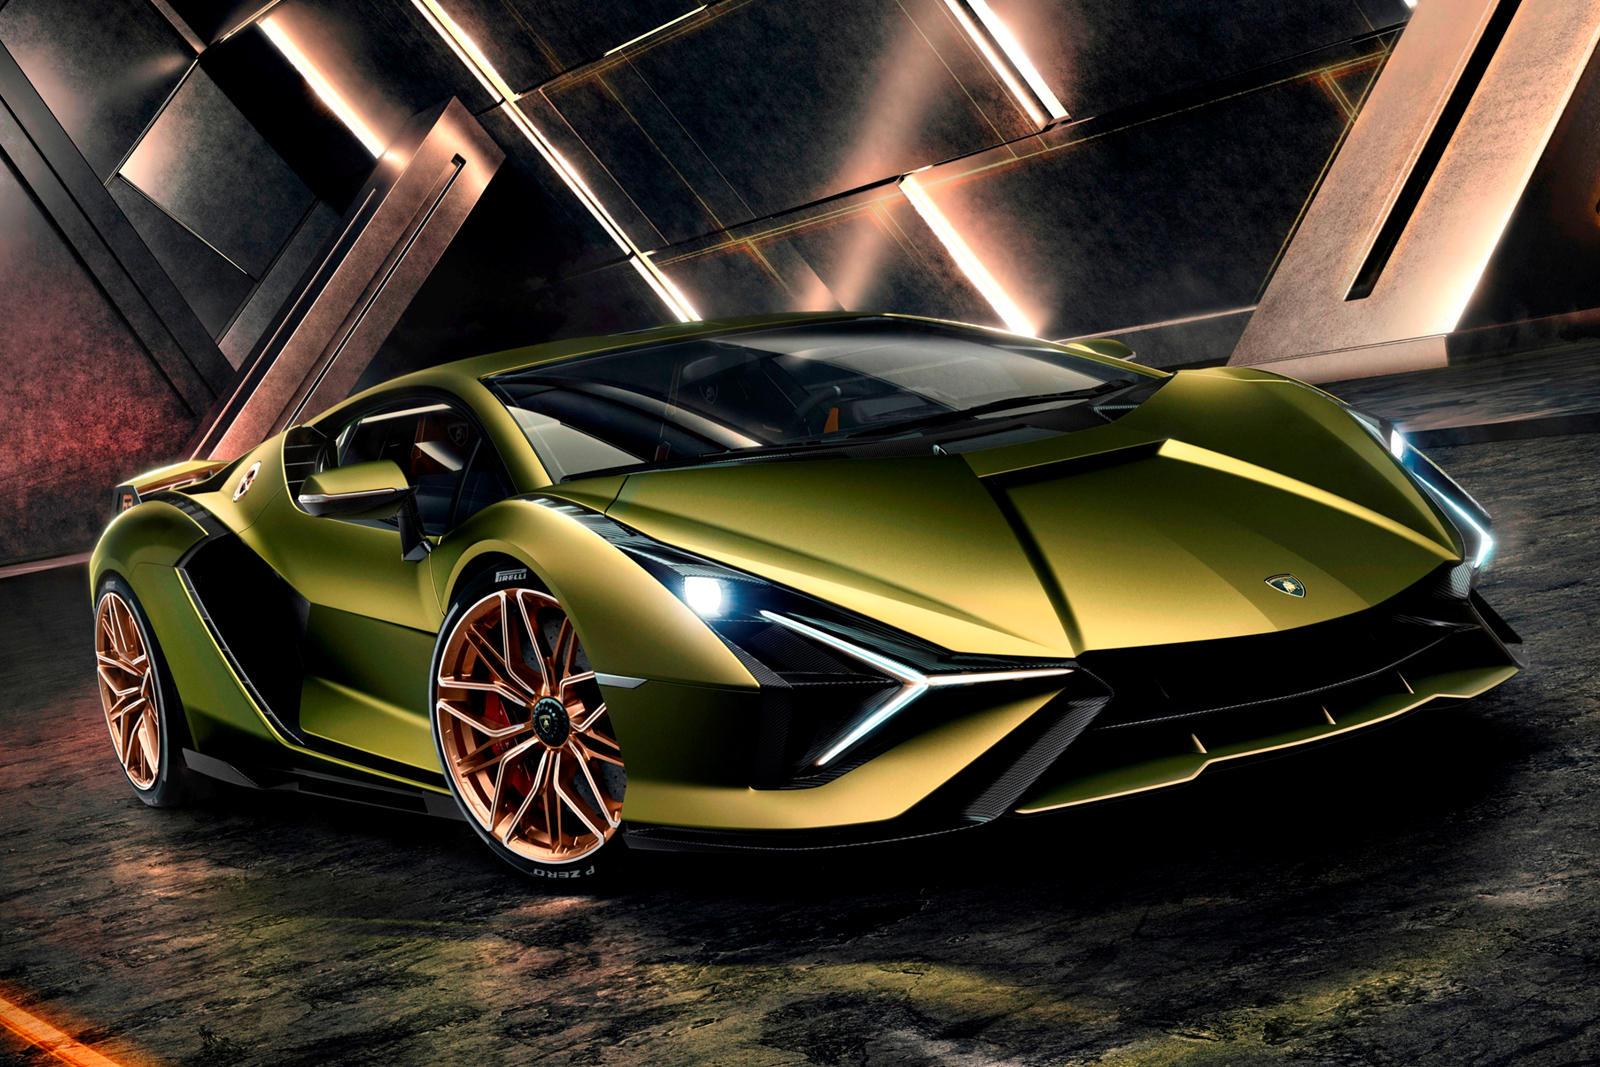 Прошло более двух лет с тех пор, как мы впервые узнали, что грядущий преемник Lamborghini Aventador, который должен появиться в следующем году, будет оснащаться атмосферным двигателем V12, хотя и с гибридной поддержкой. Дополнительный электродвигател